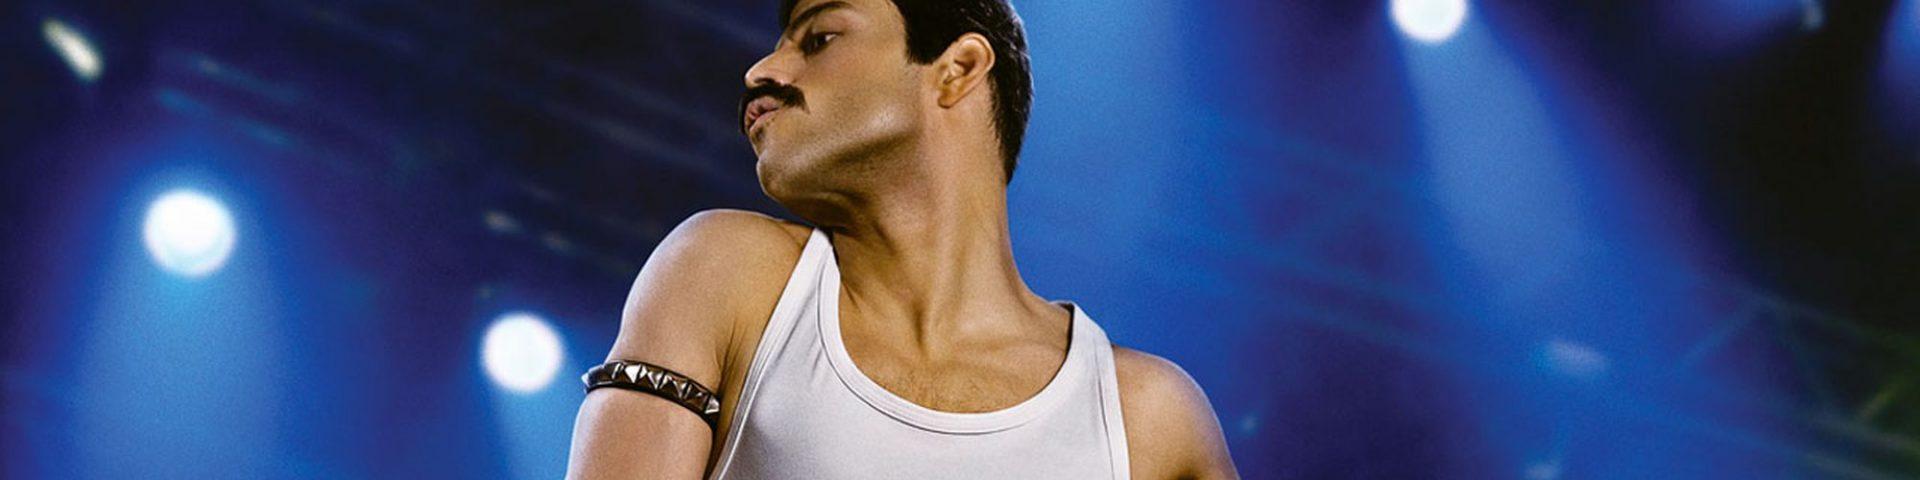 Bohemian Rhapsody: i Queen e Freddie Mercury rivivono nel nuovo trailer - Video